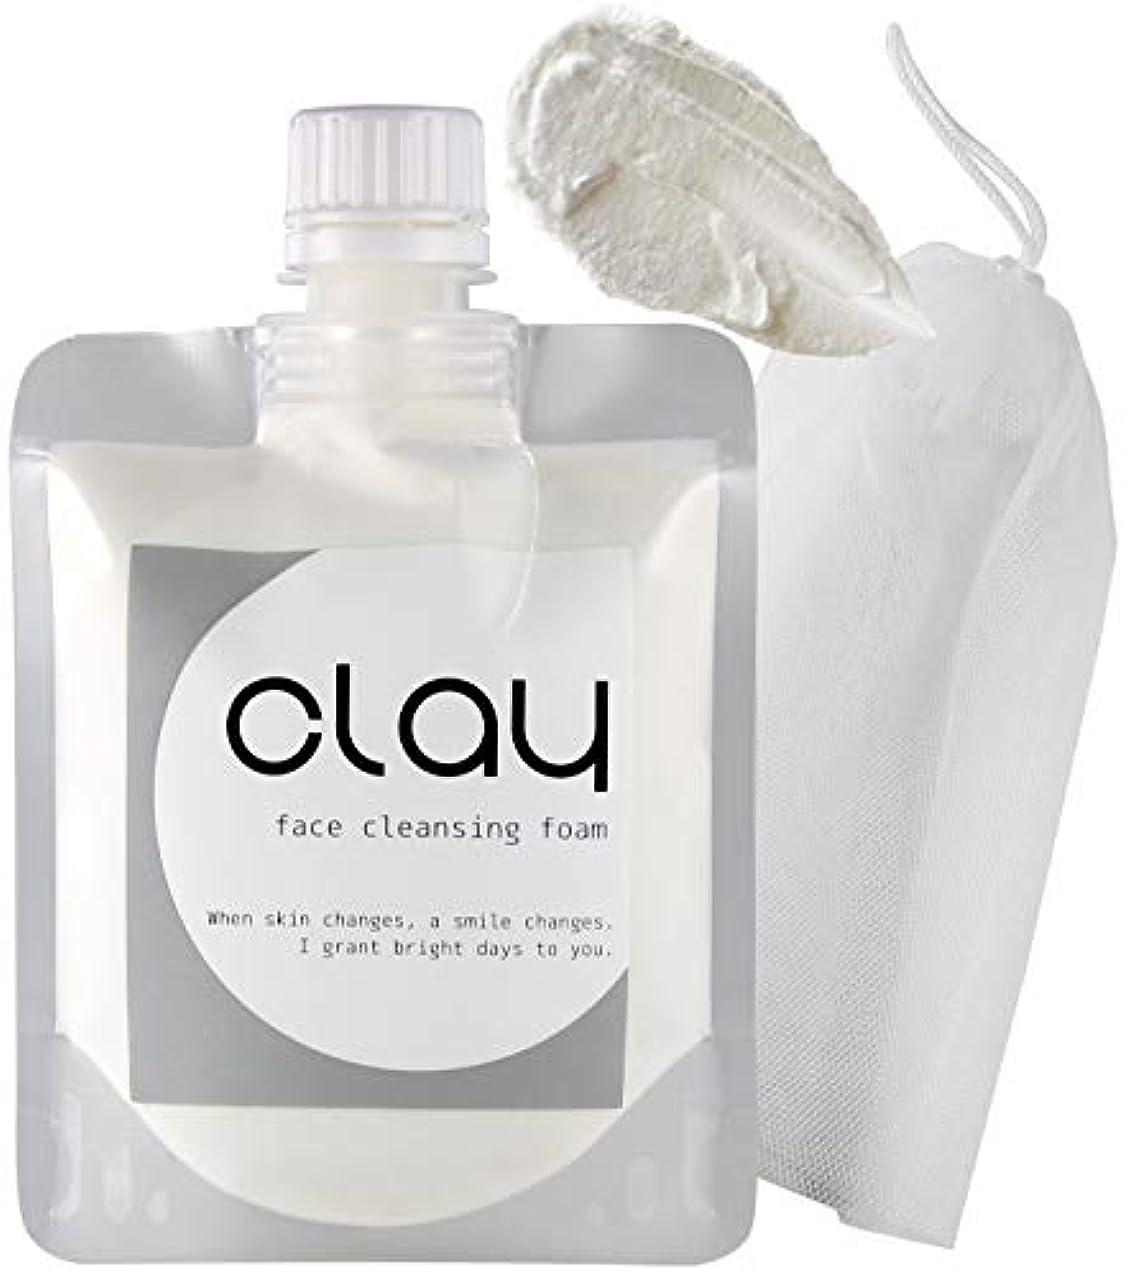 リンケージ呼吸ガロンSTAR'S クレイ 泥 洗顔 オーガニック 【 毛穴 黒ずみ 開き ザラ付き 用】「 泡 ネット 付き」 40種類の植物エキス 16種類の美容成分 9つの無添加 透明感 柔肌 130g (Clay)